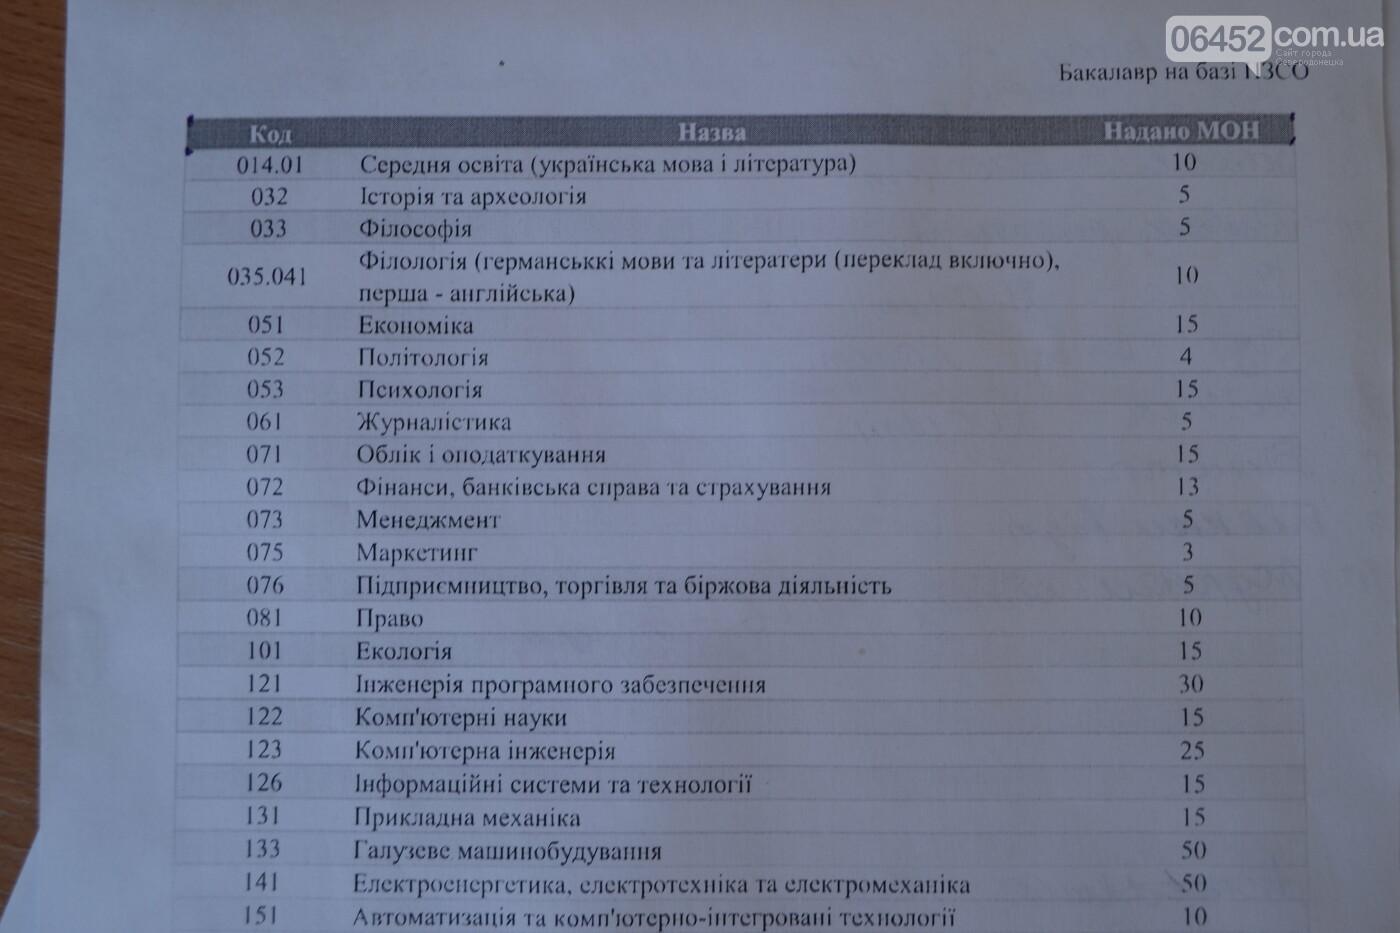 Профессия мечты: какие специальности выбирают абитуриенты в Северодонецке, фото-2